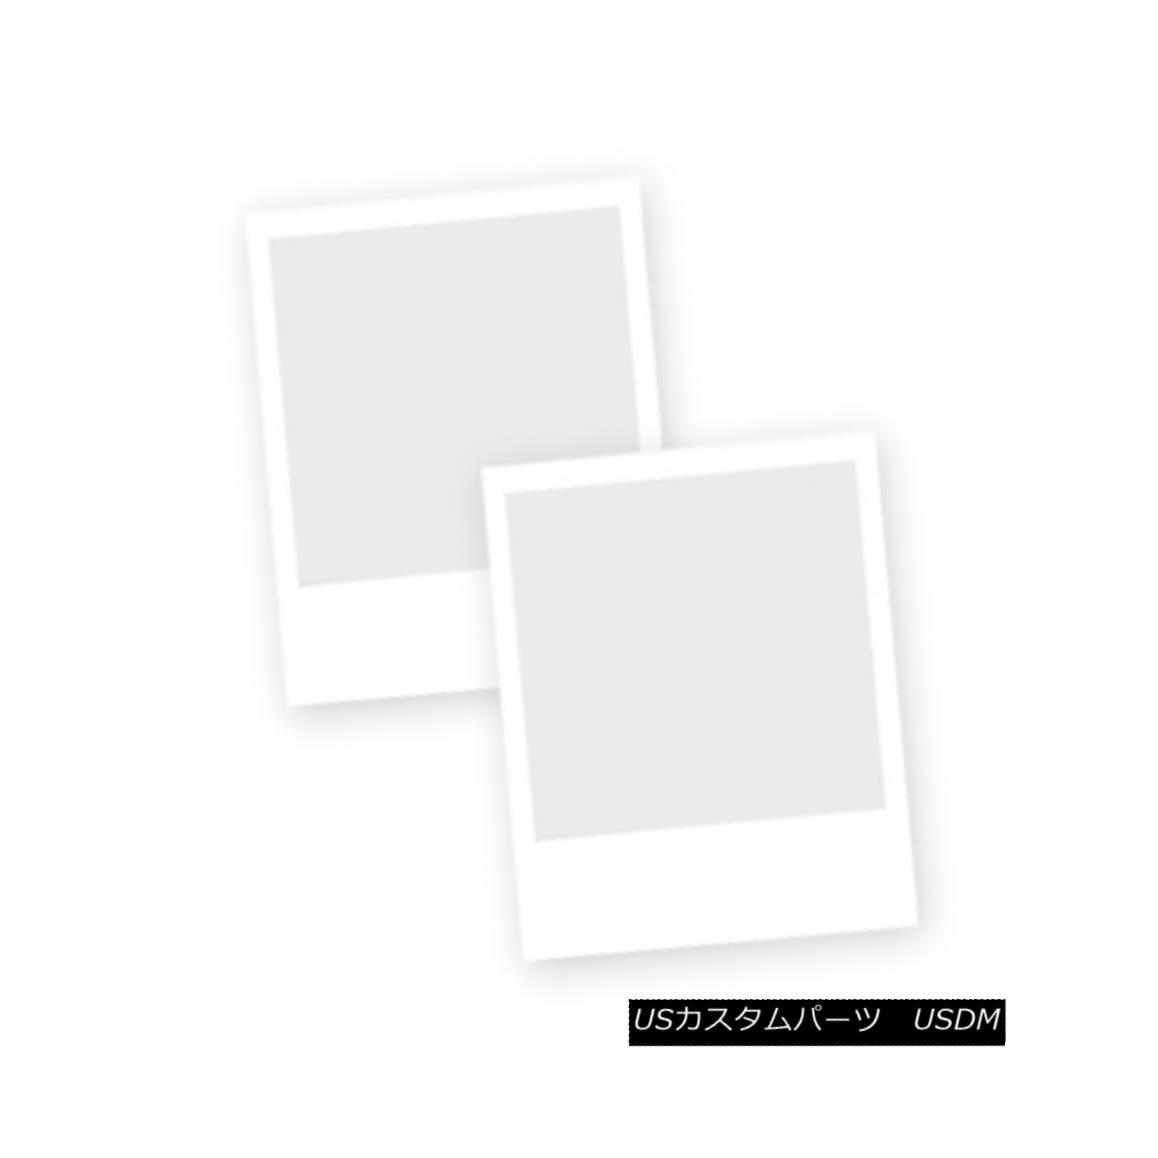 幌・ソフトトップ RAMPAGE 109735 Soft Top Wrngler 97-06 RAMPAGE 109735ソフトトップラングラー97-06